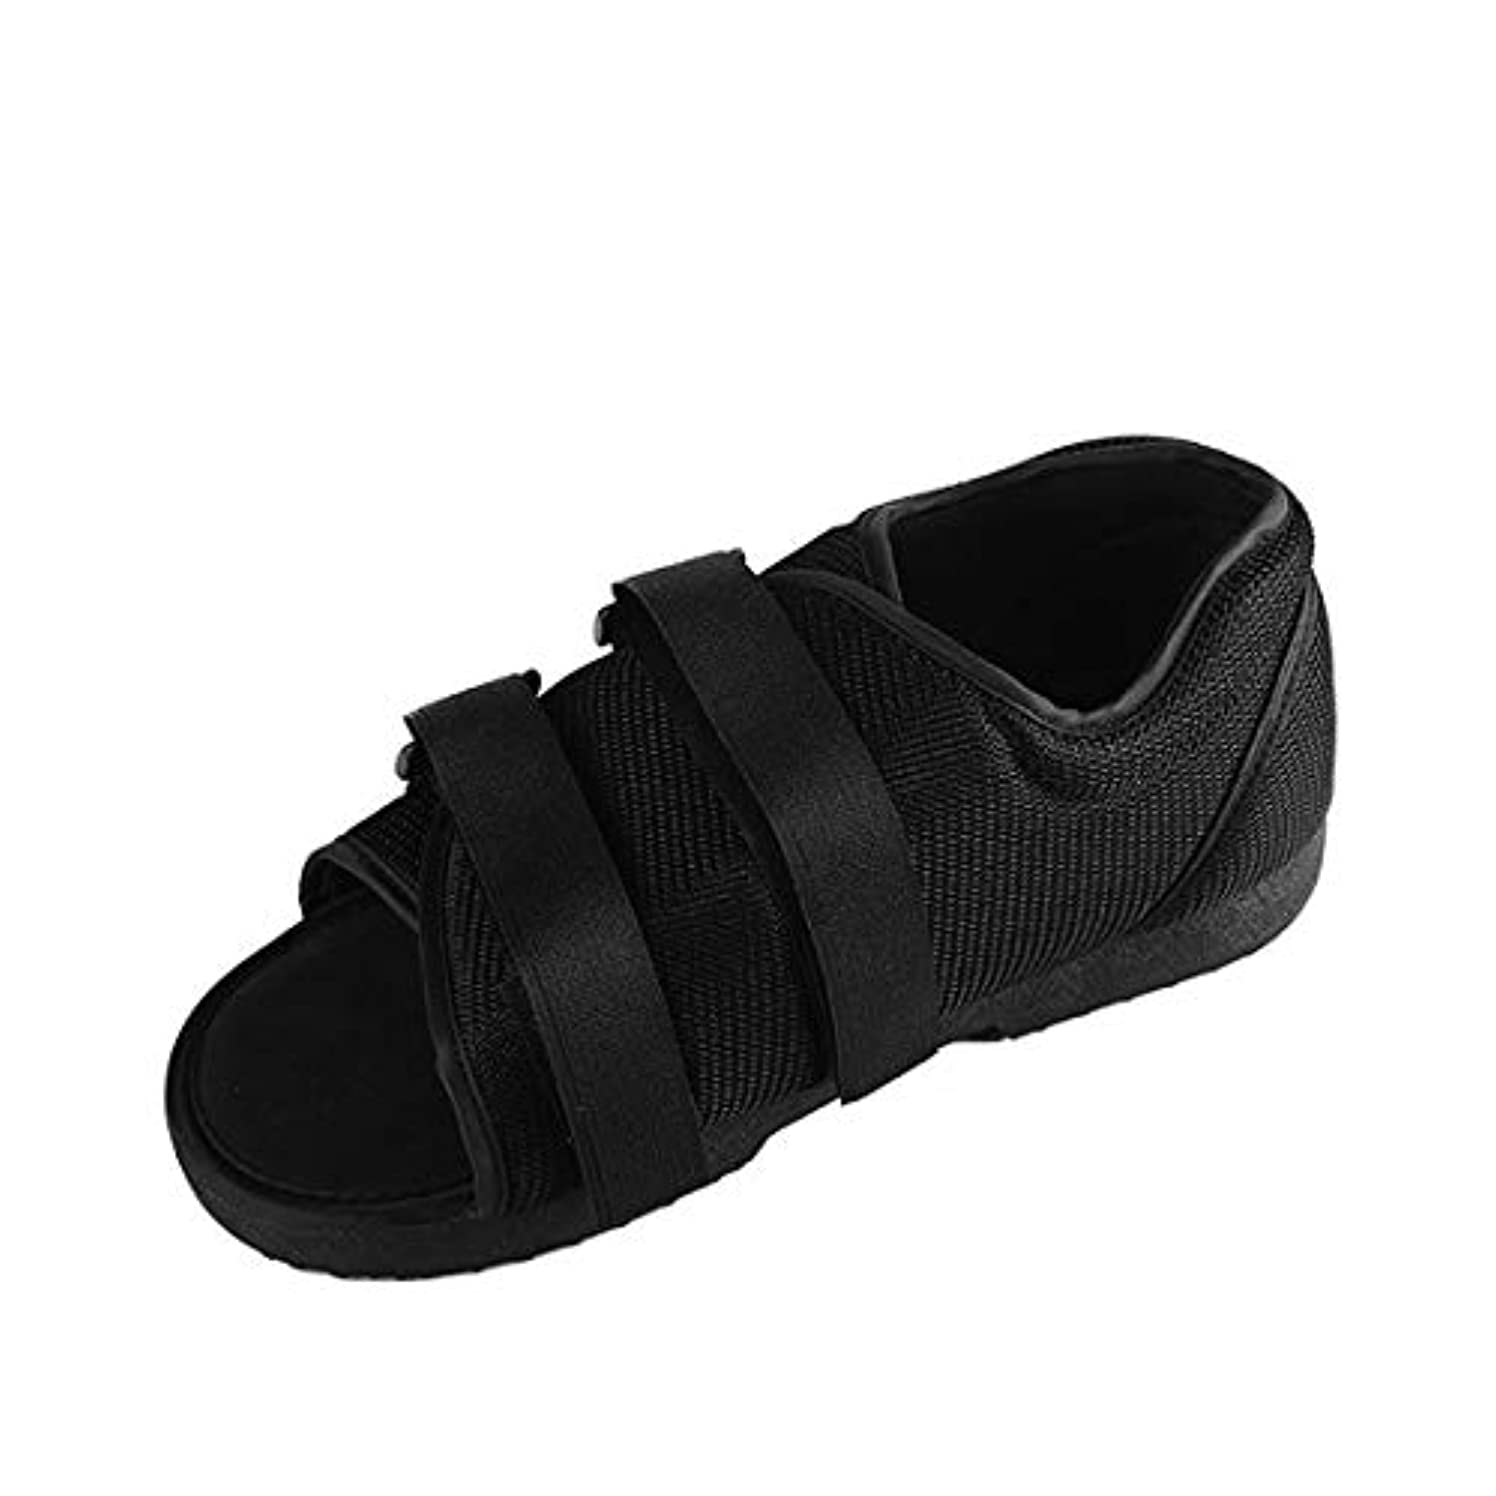 少数時系列小説医療足骨折石膏の回復靴の手術後のつま先の靴を安定化骨折の靴を調整可能なファスナーで完全なカバー,WS23.5*9cm